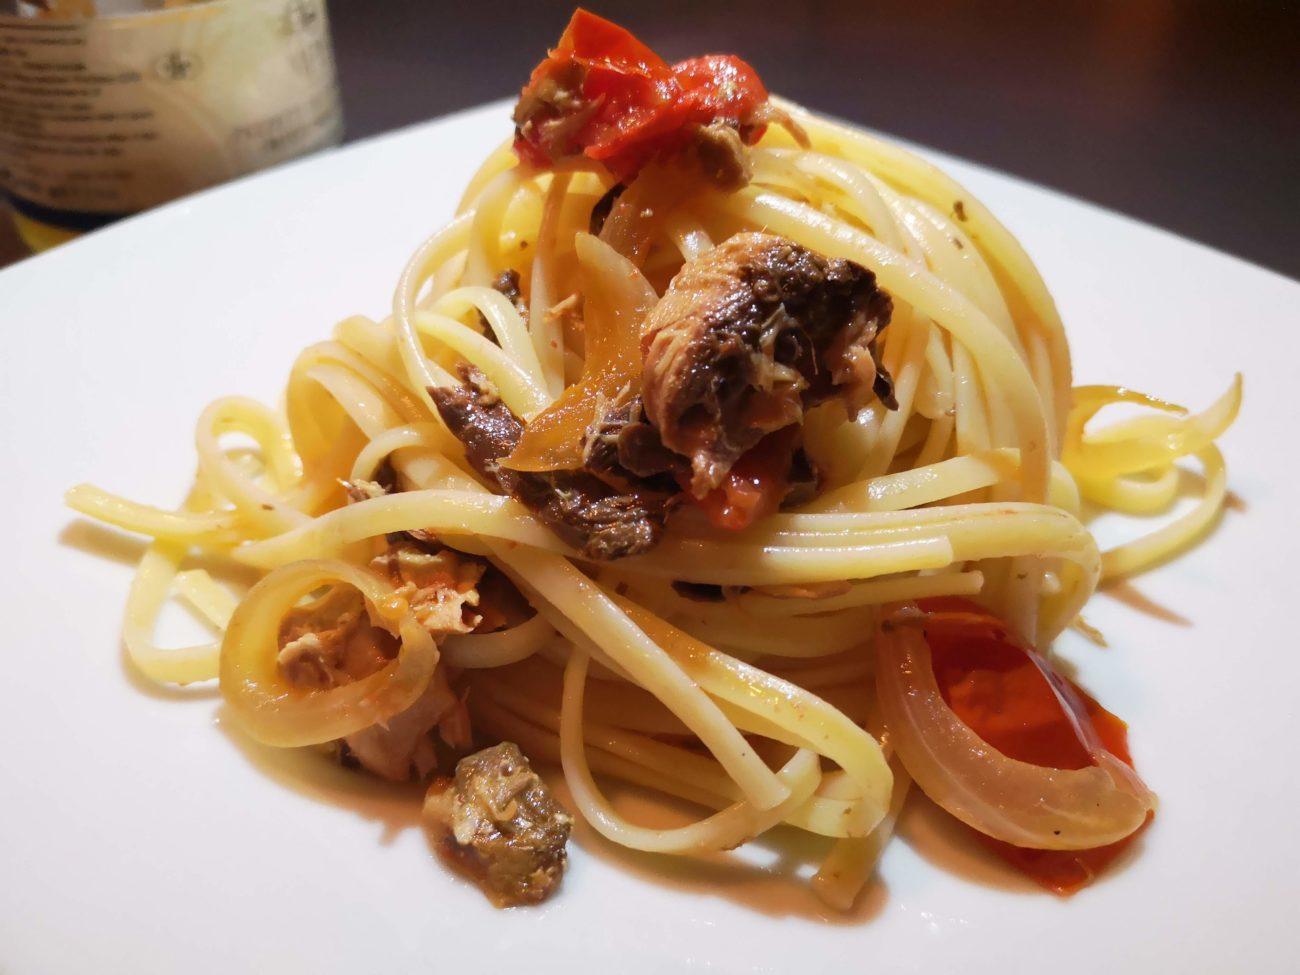 Spaghetti con pomodorini arrostiti e buzzonaglia di tonno